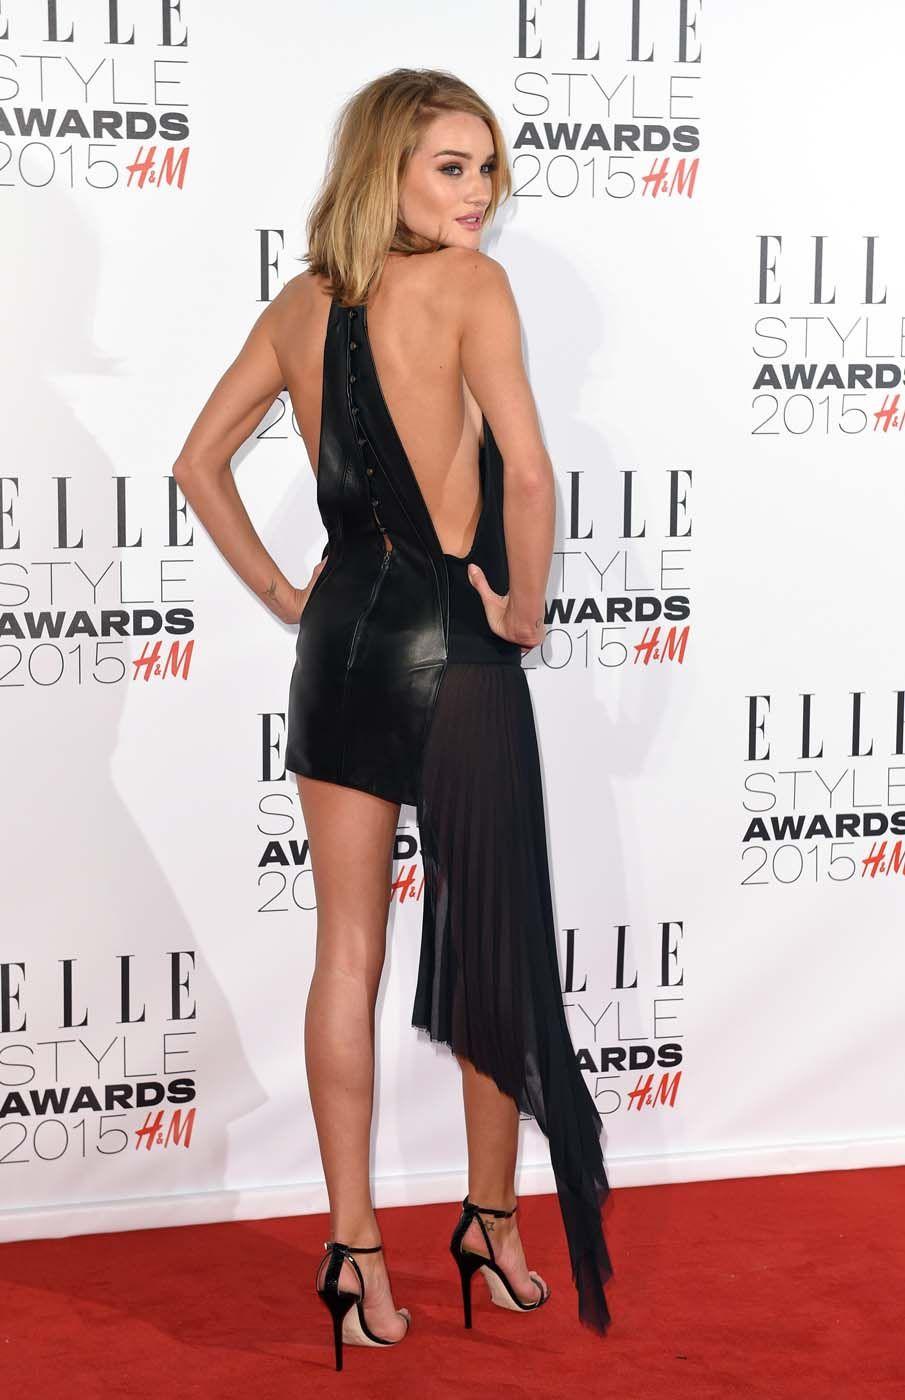 Les 10 plus beaux looks des ELLE Style Awards 2015   Femina